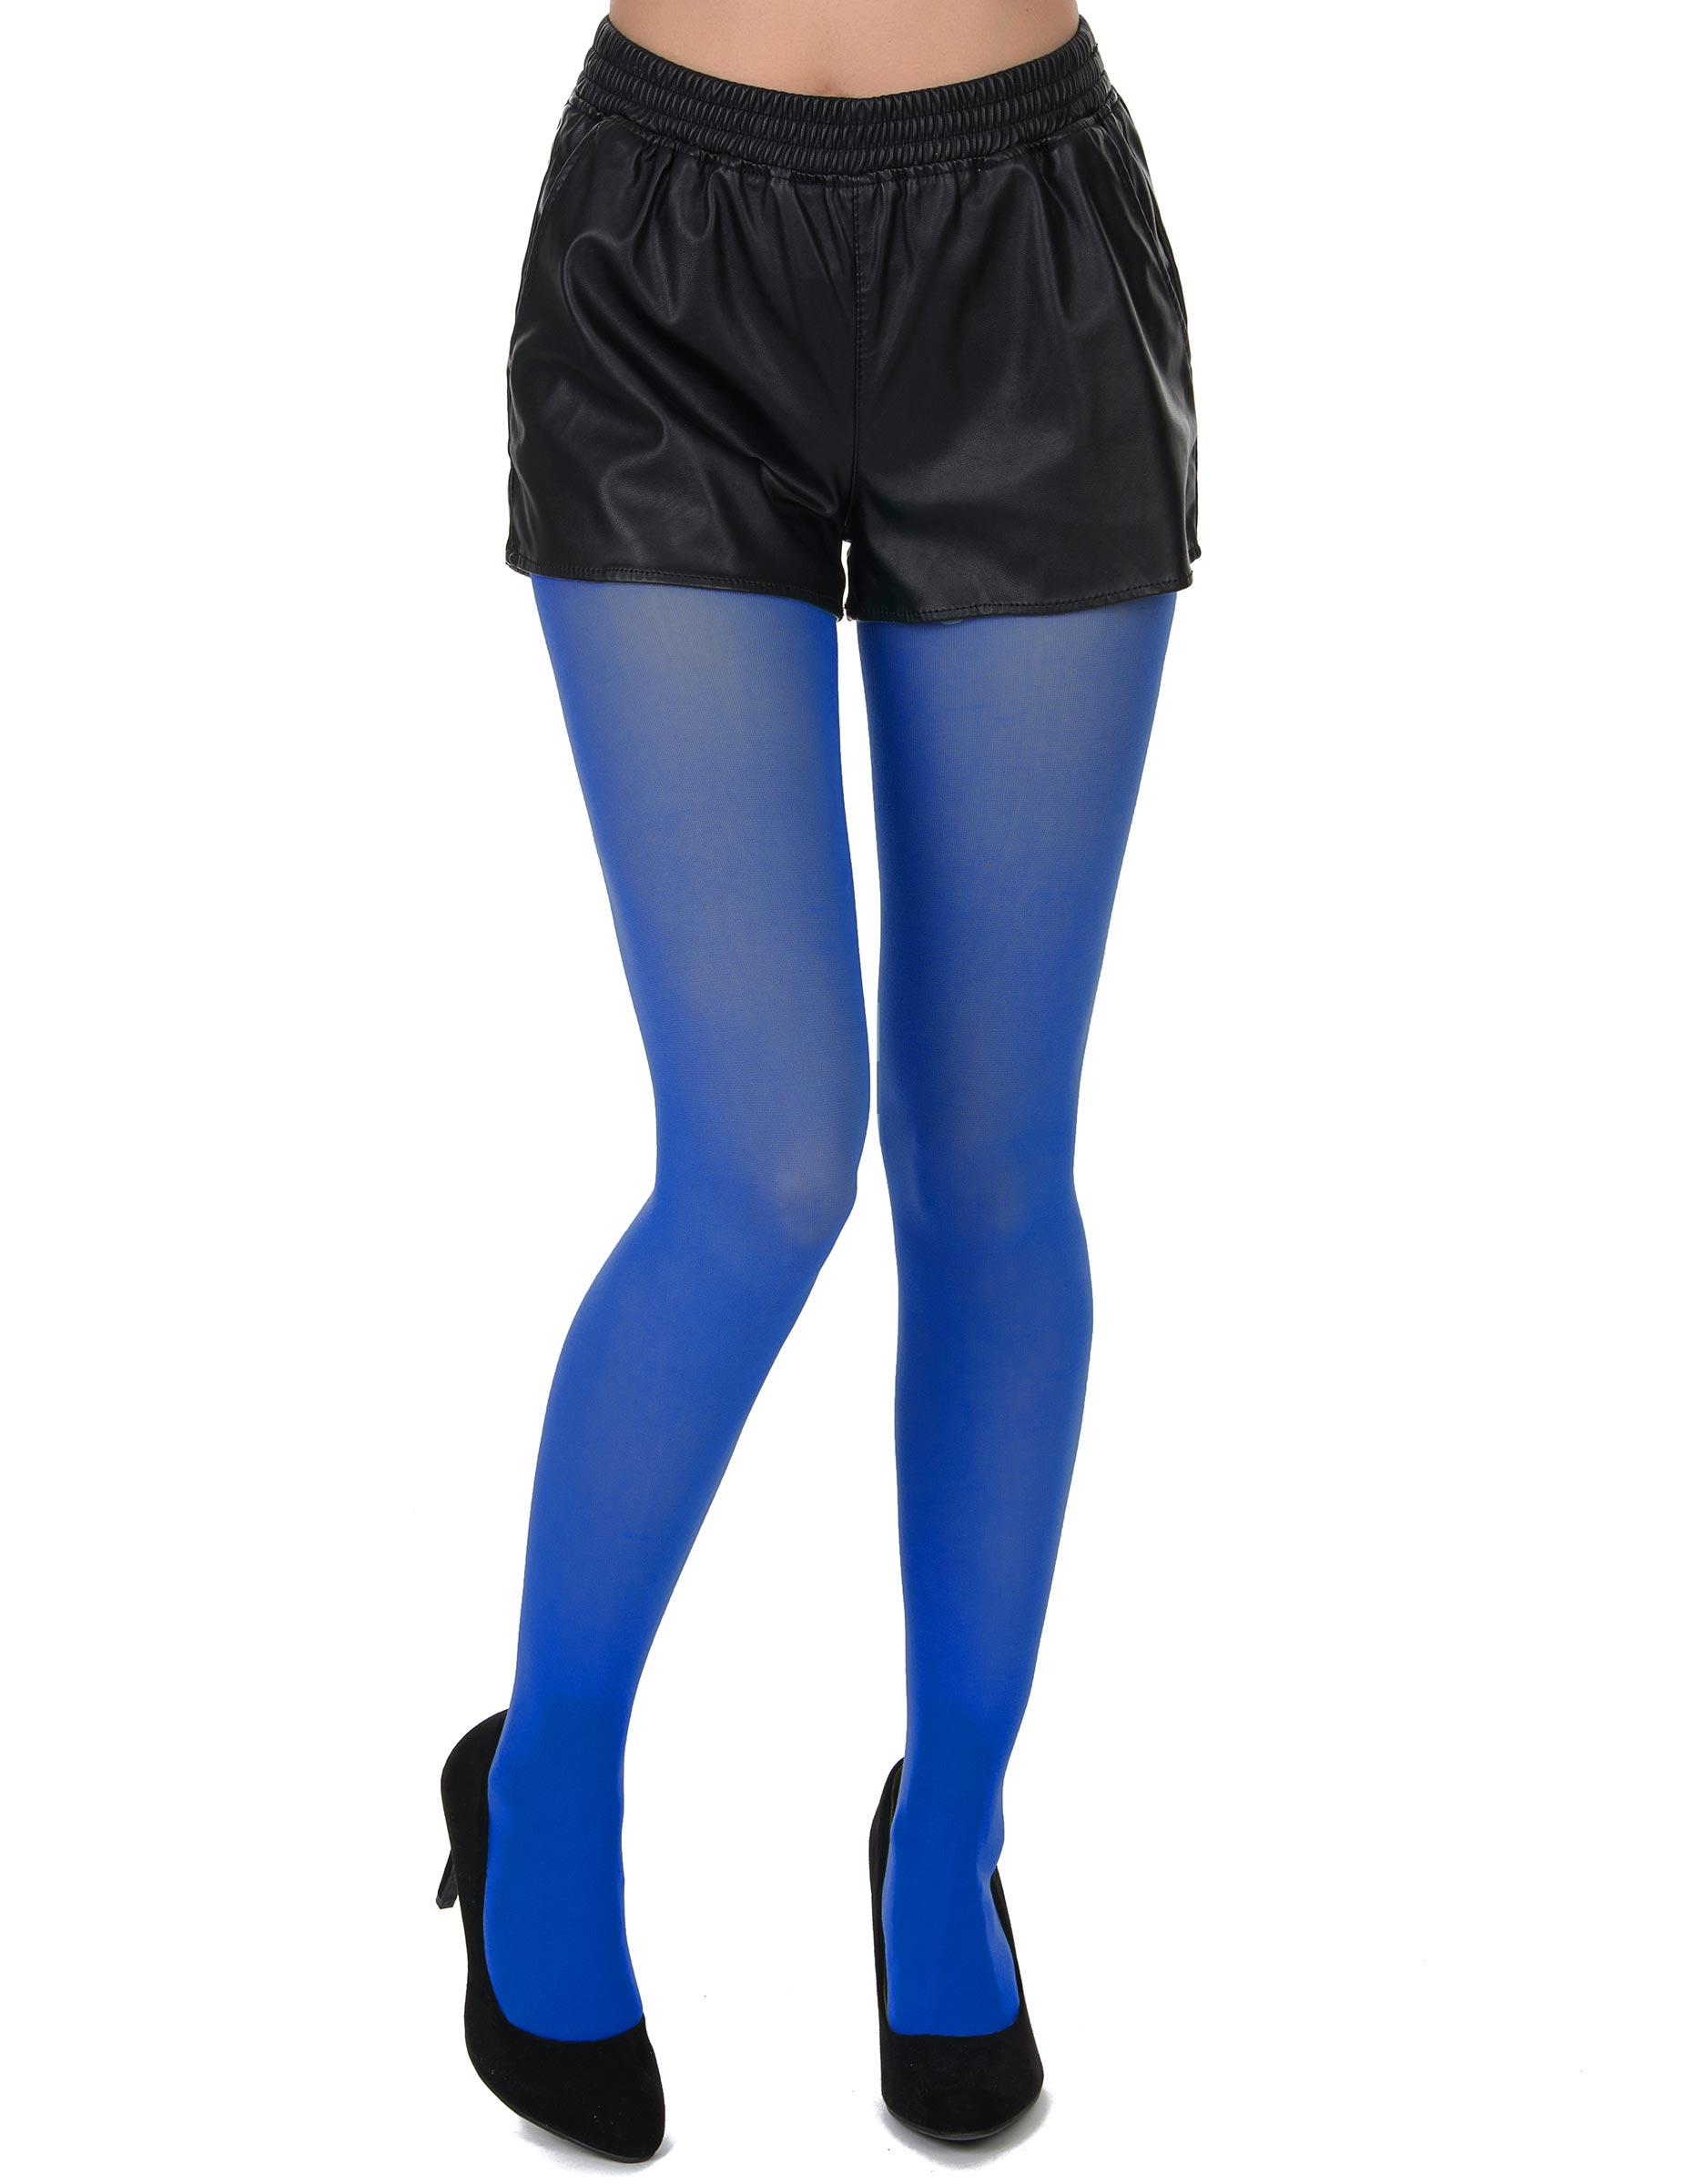 dcedc2504e0332 Strumpfhose Blickdicht 60 DEN blau